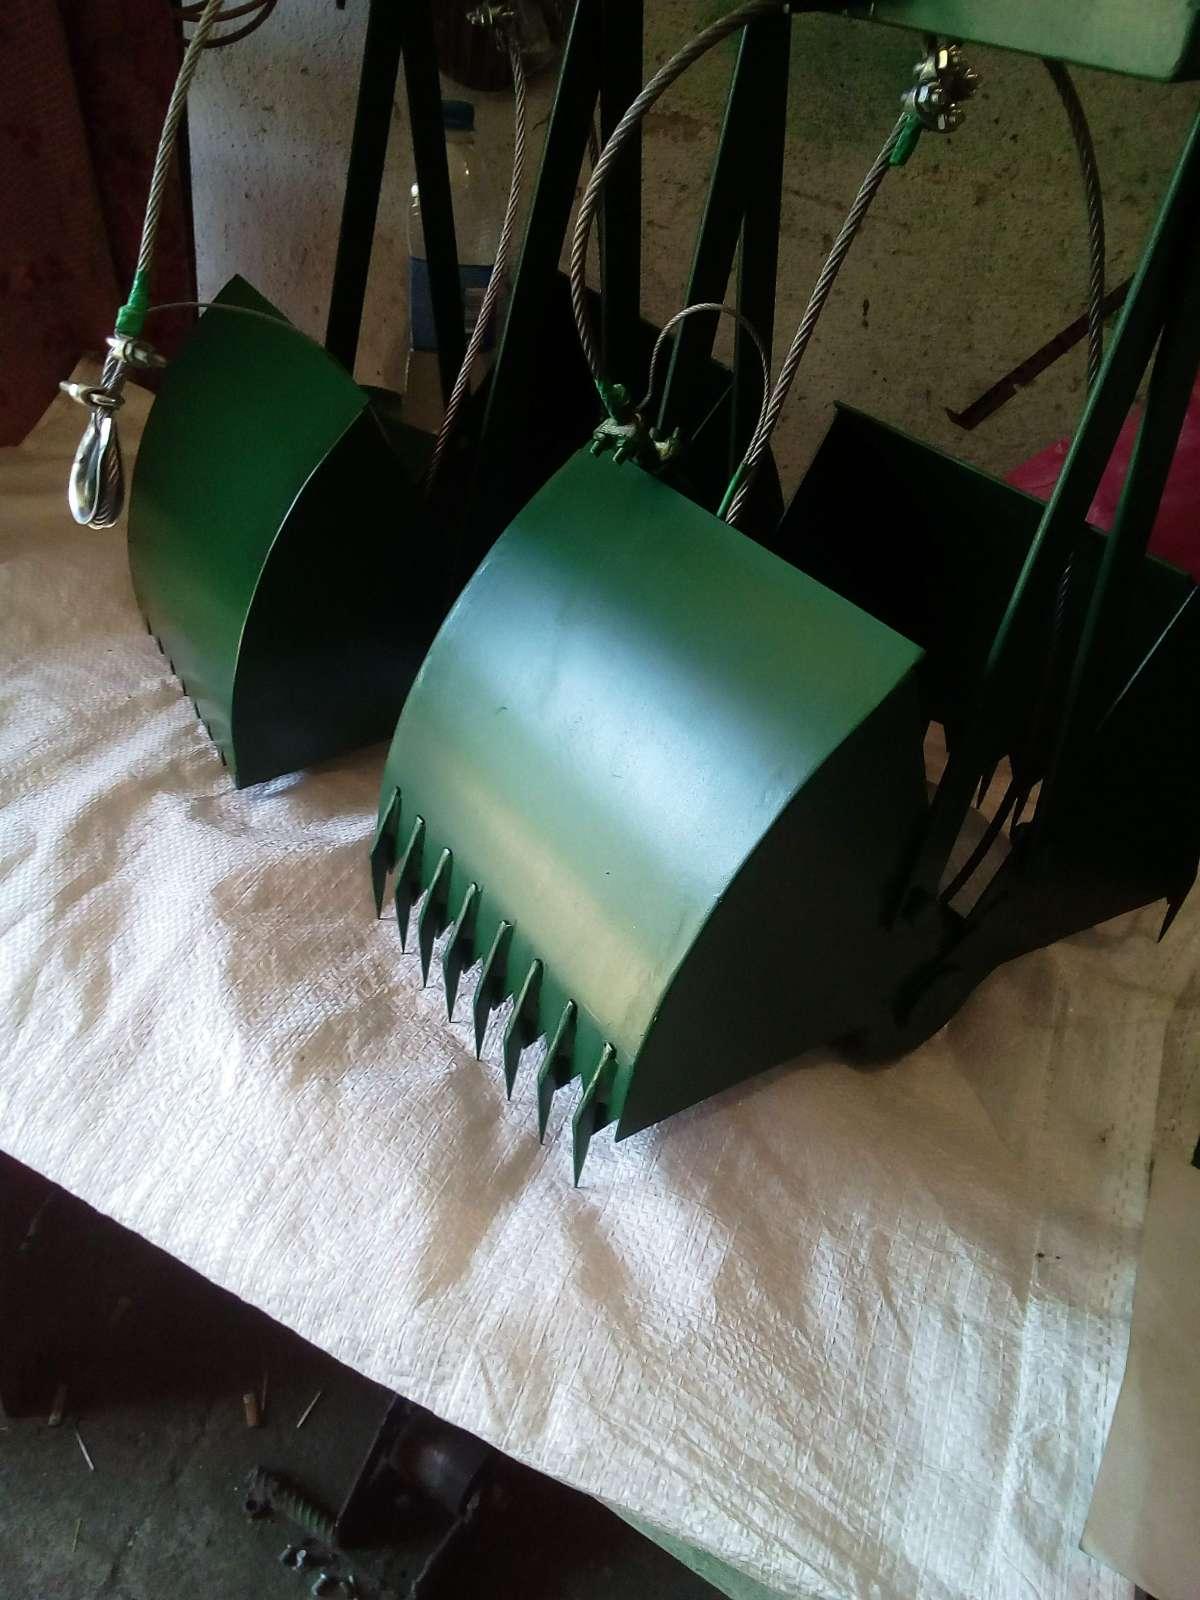 Ковш грейфер для чистки криниць фото 1